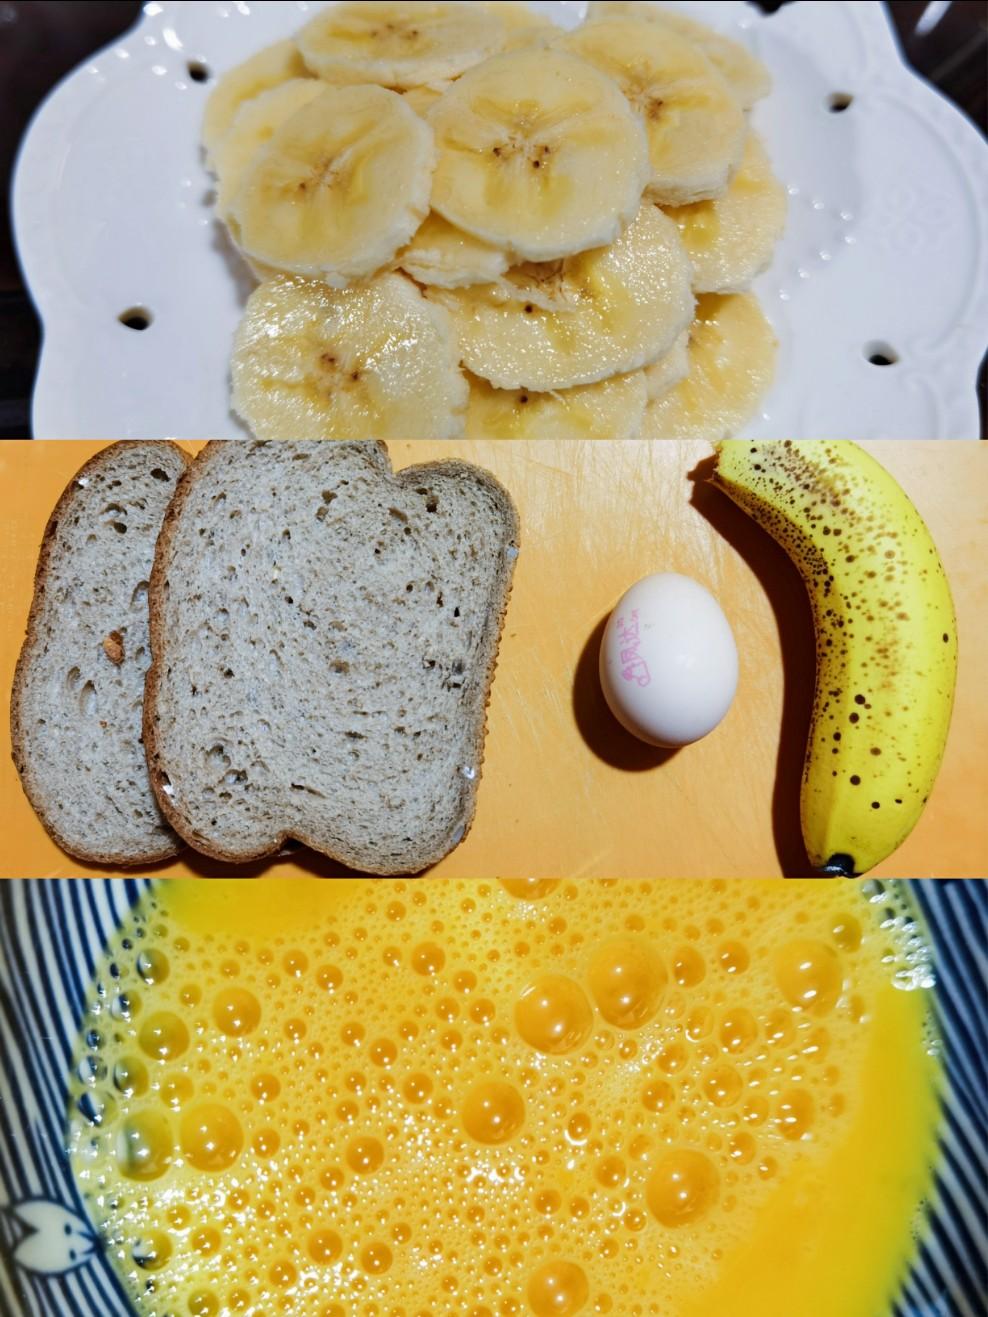 香蕉切成薄片,鸡蛋打散备用